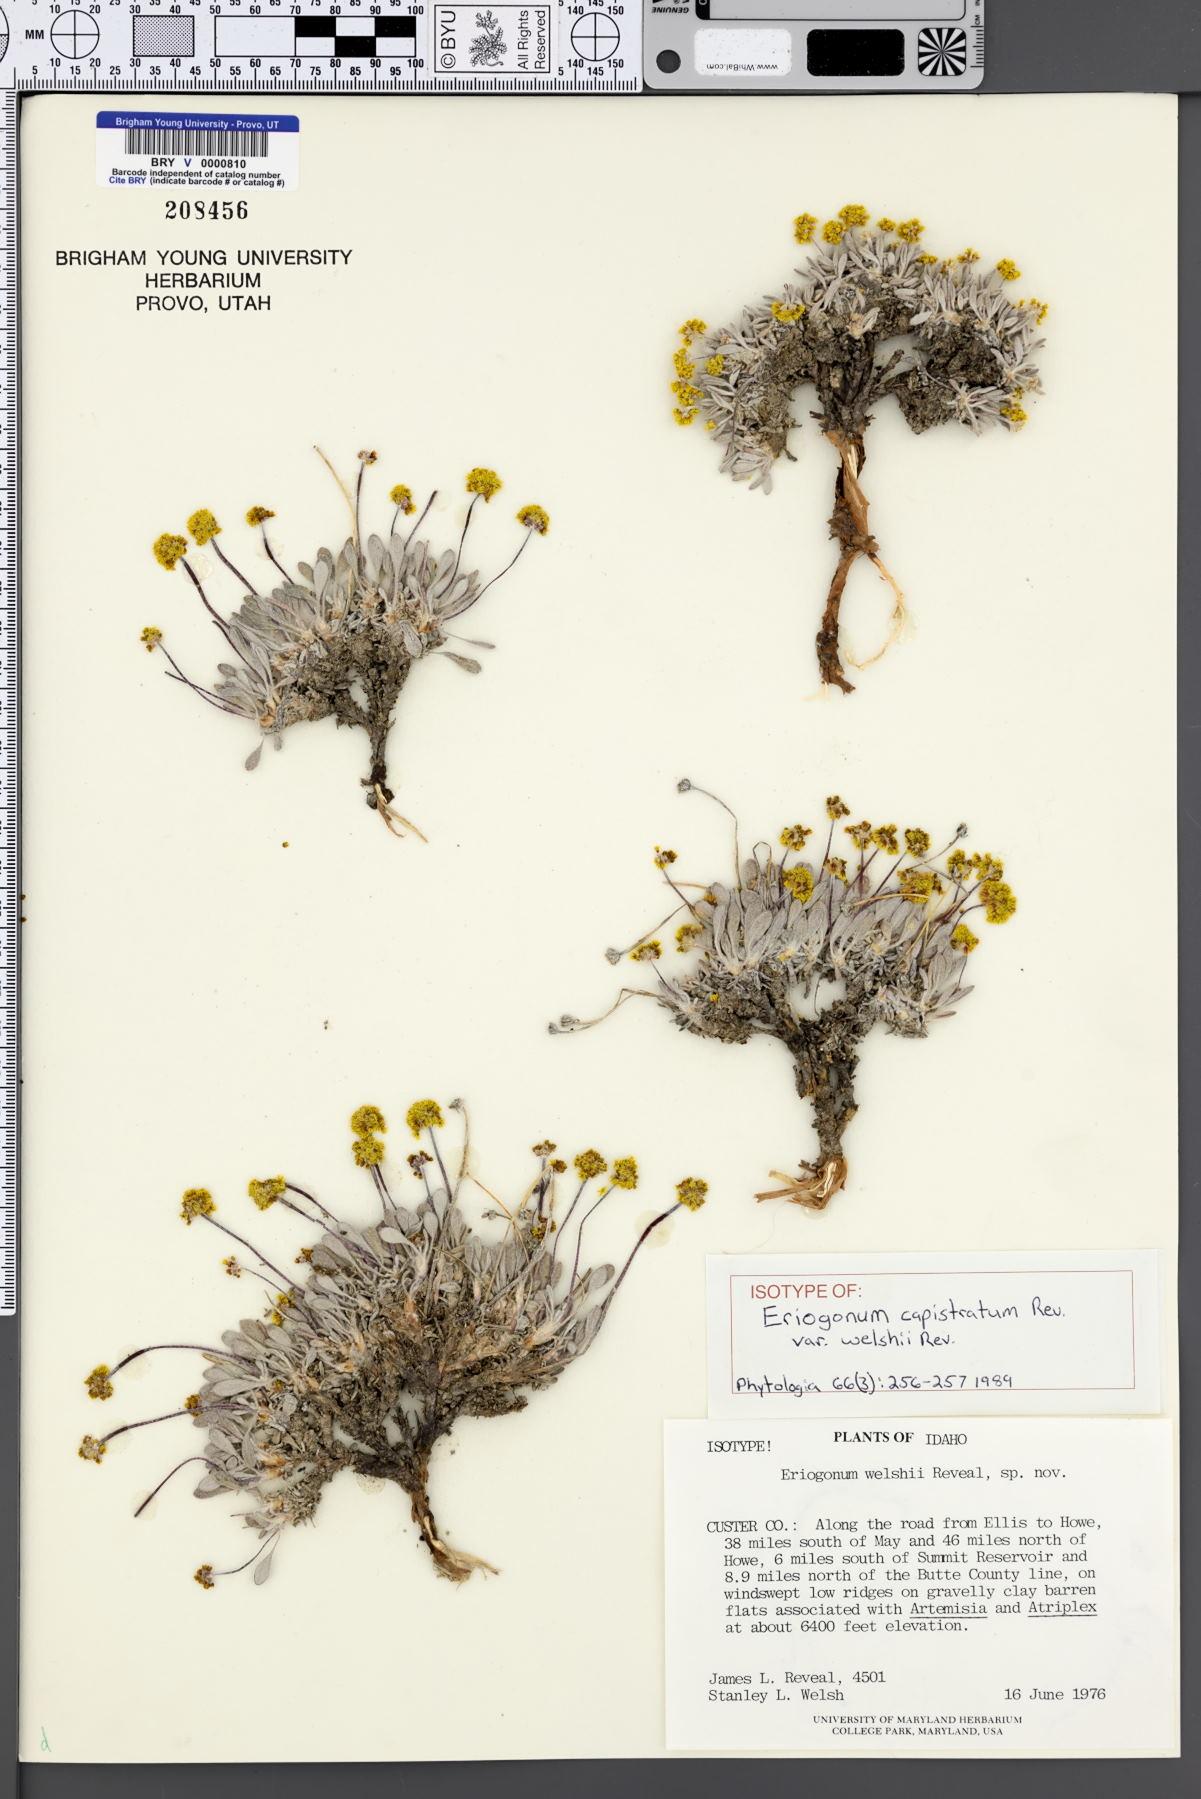 Eriogonum capistratum var. welshii image